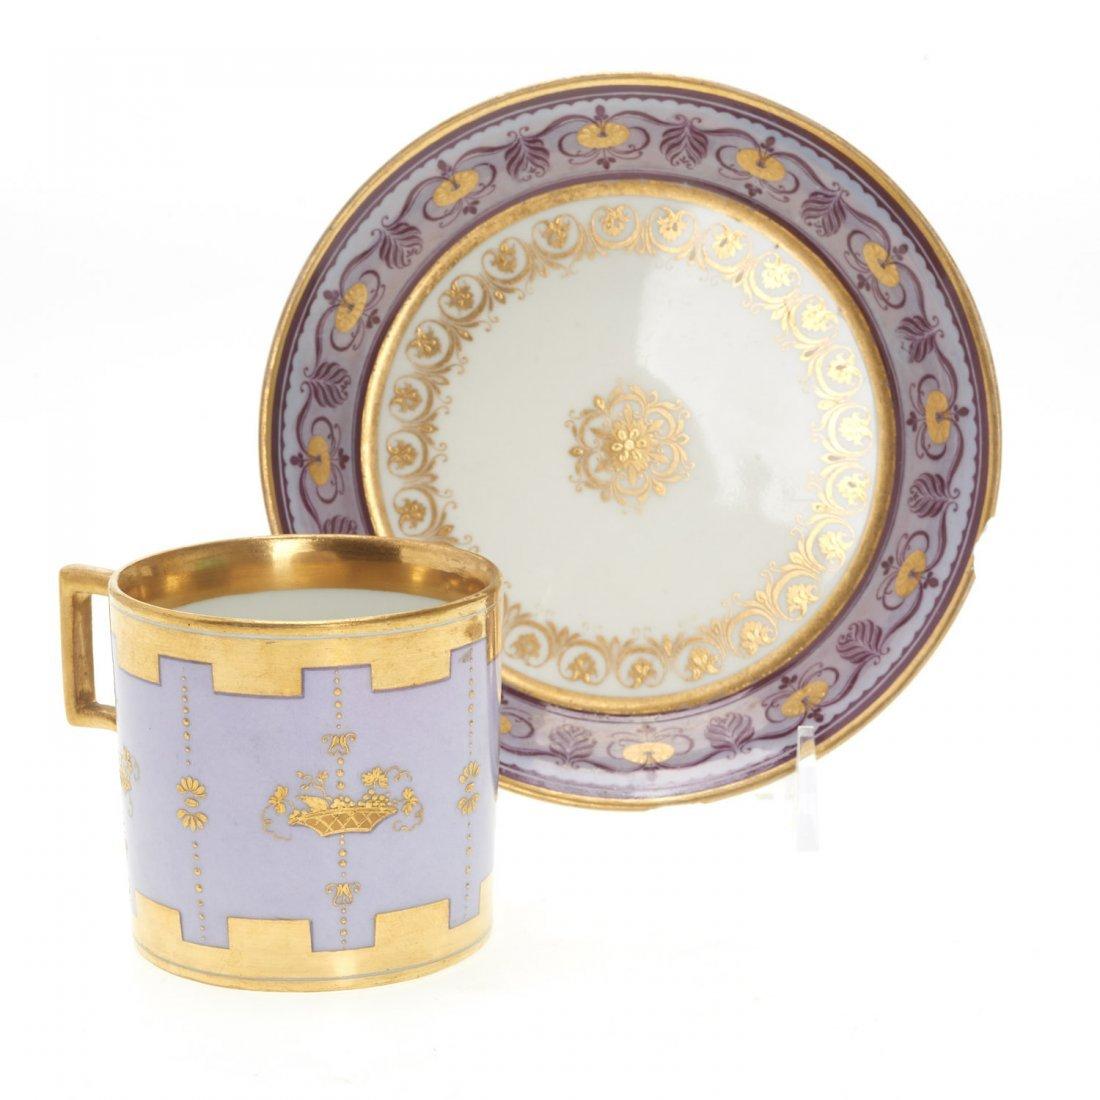 (3) Royal Vienna porcelain teacups/saucers - 5